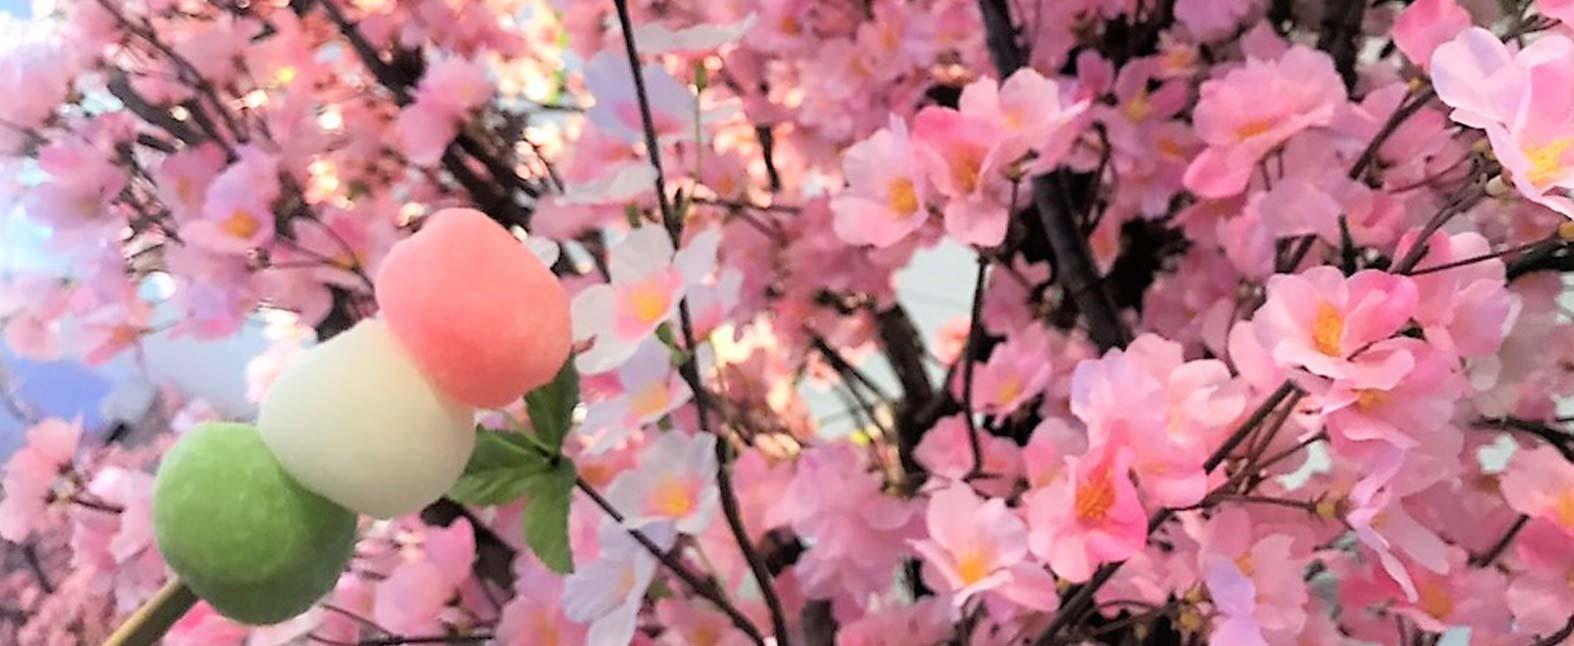 オフィスでお花見!満開の桜室内で♪